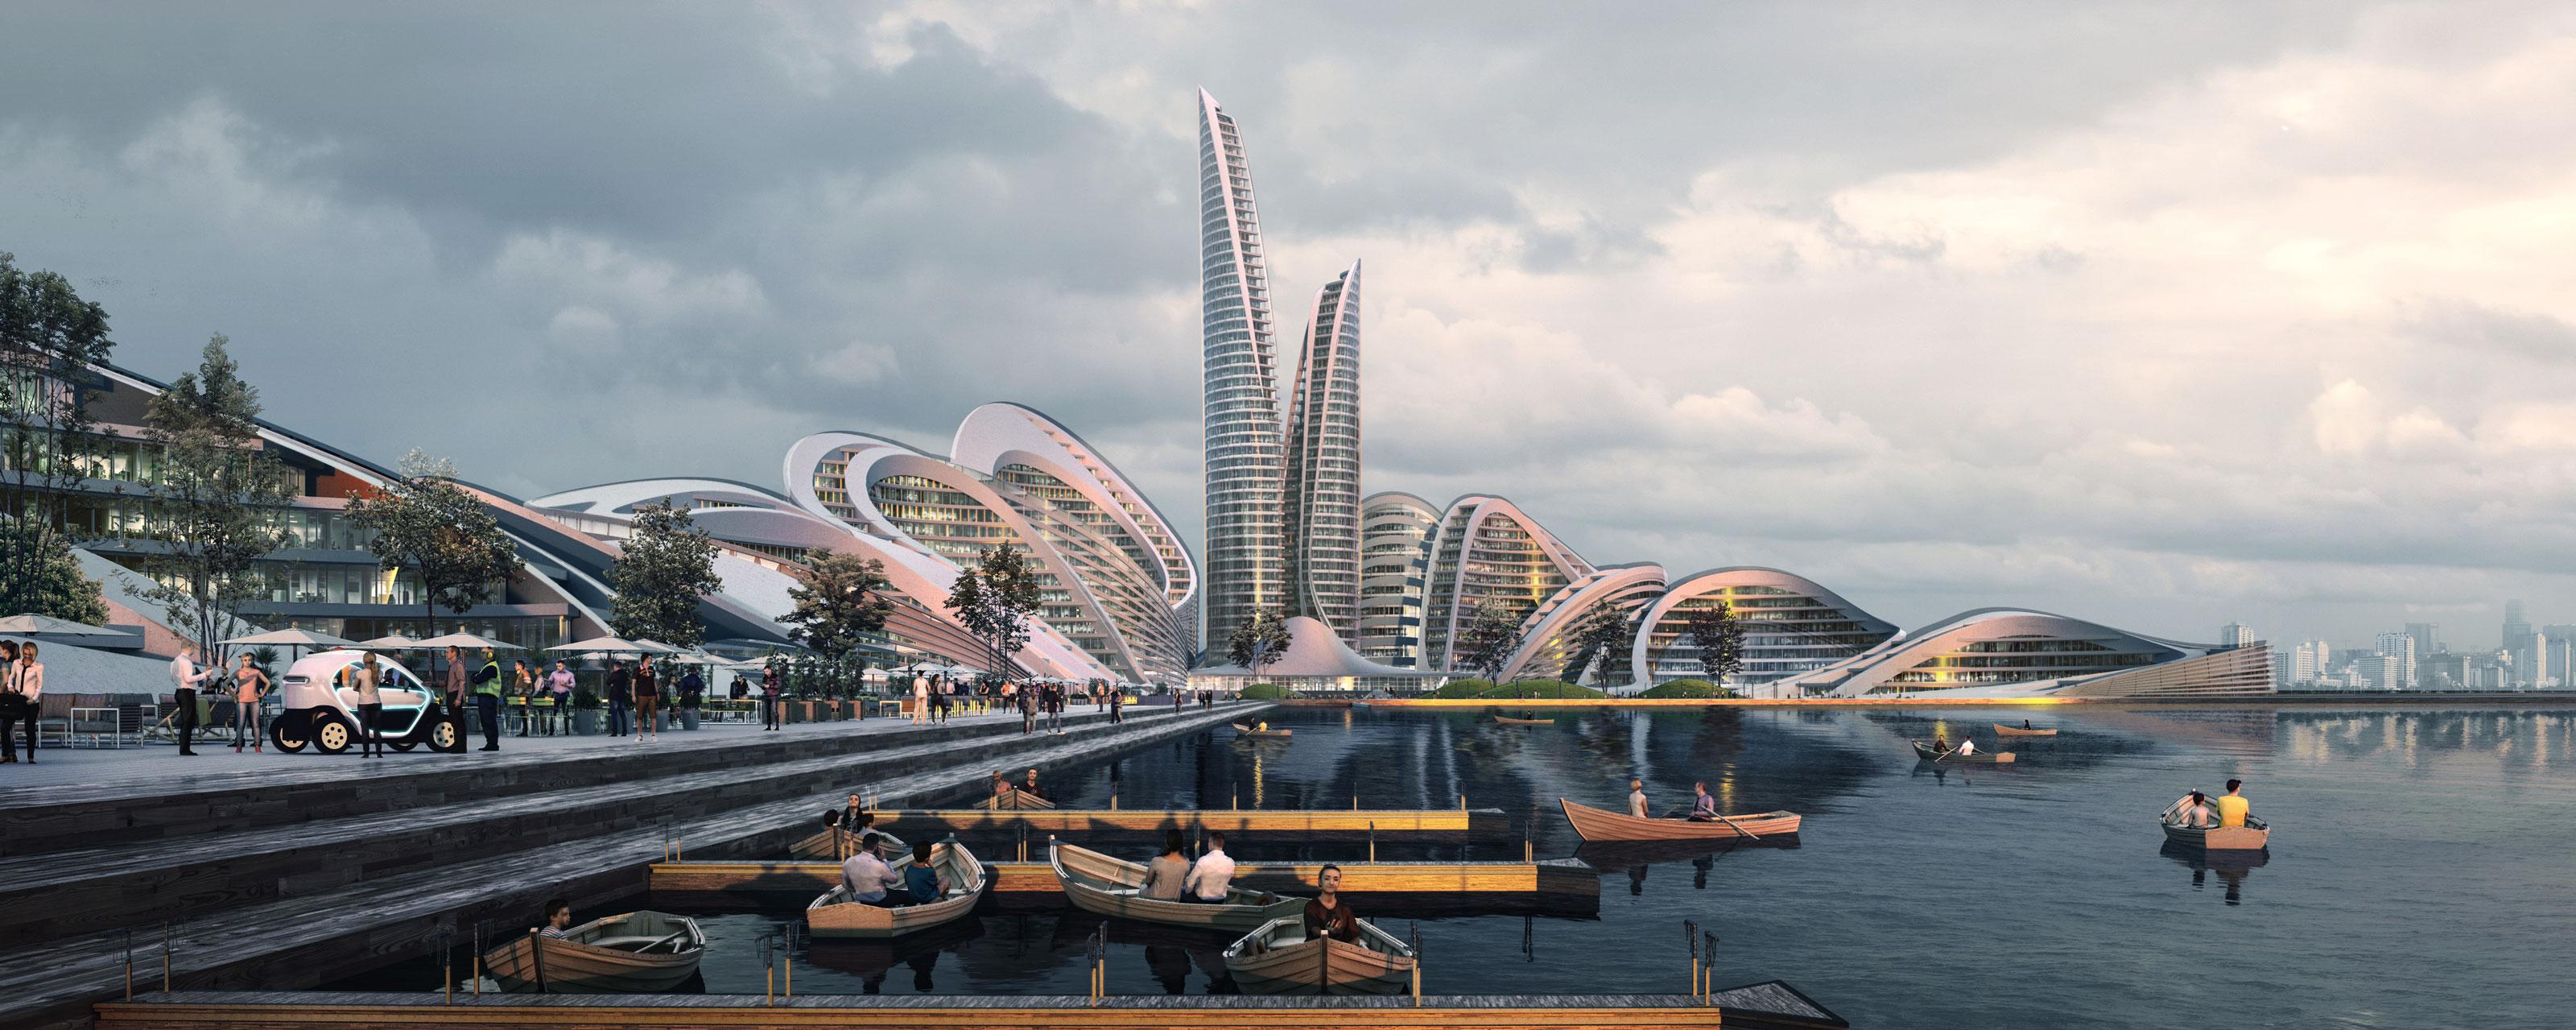 Rublyovo Arkhangelskoye By Zaha Hadid Architects åvontuura